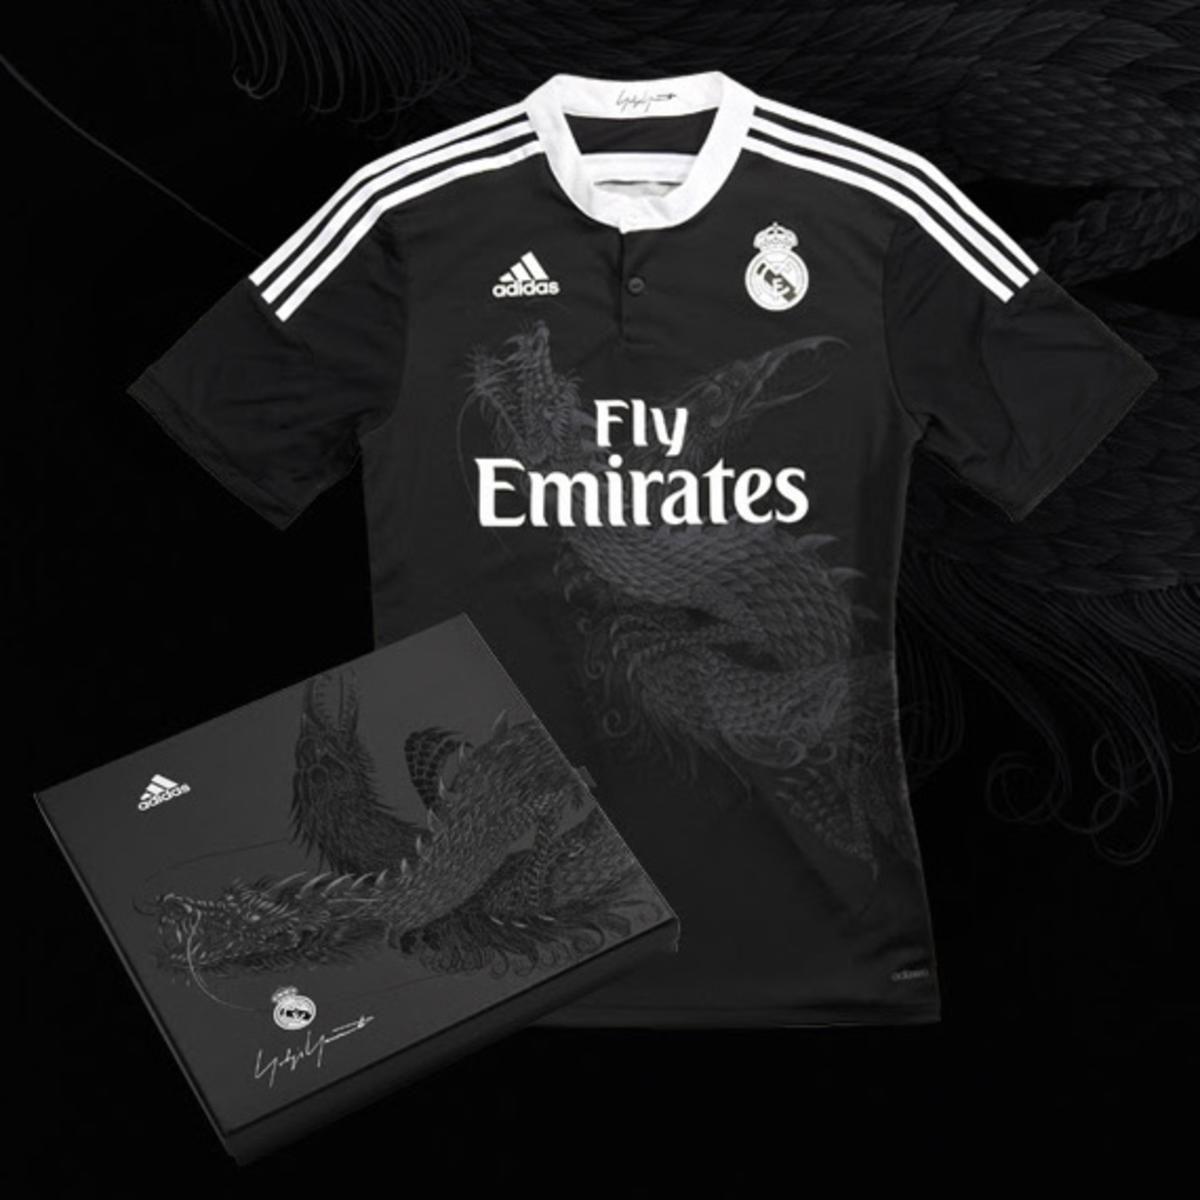 Yohji Yamamoto X Adidas 2014 2015 Real Madrid Third Kit Available Now Real Madrid Third Kit Real Madrid Yohji Yamamoto